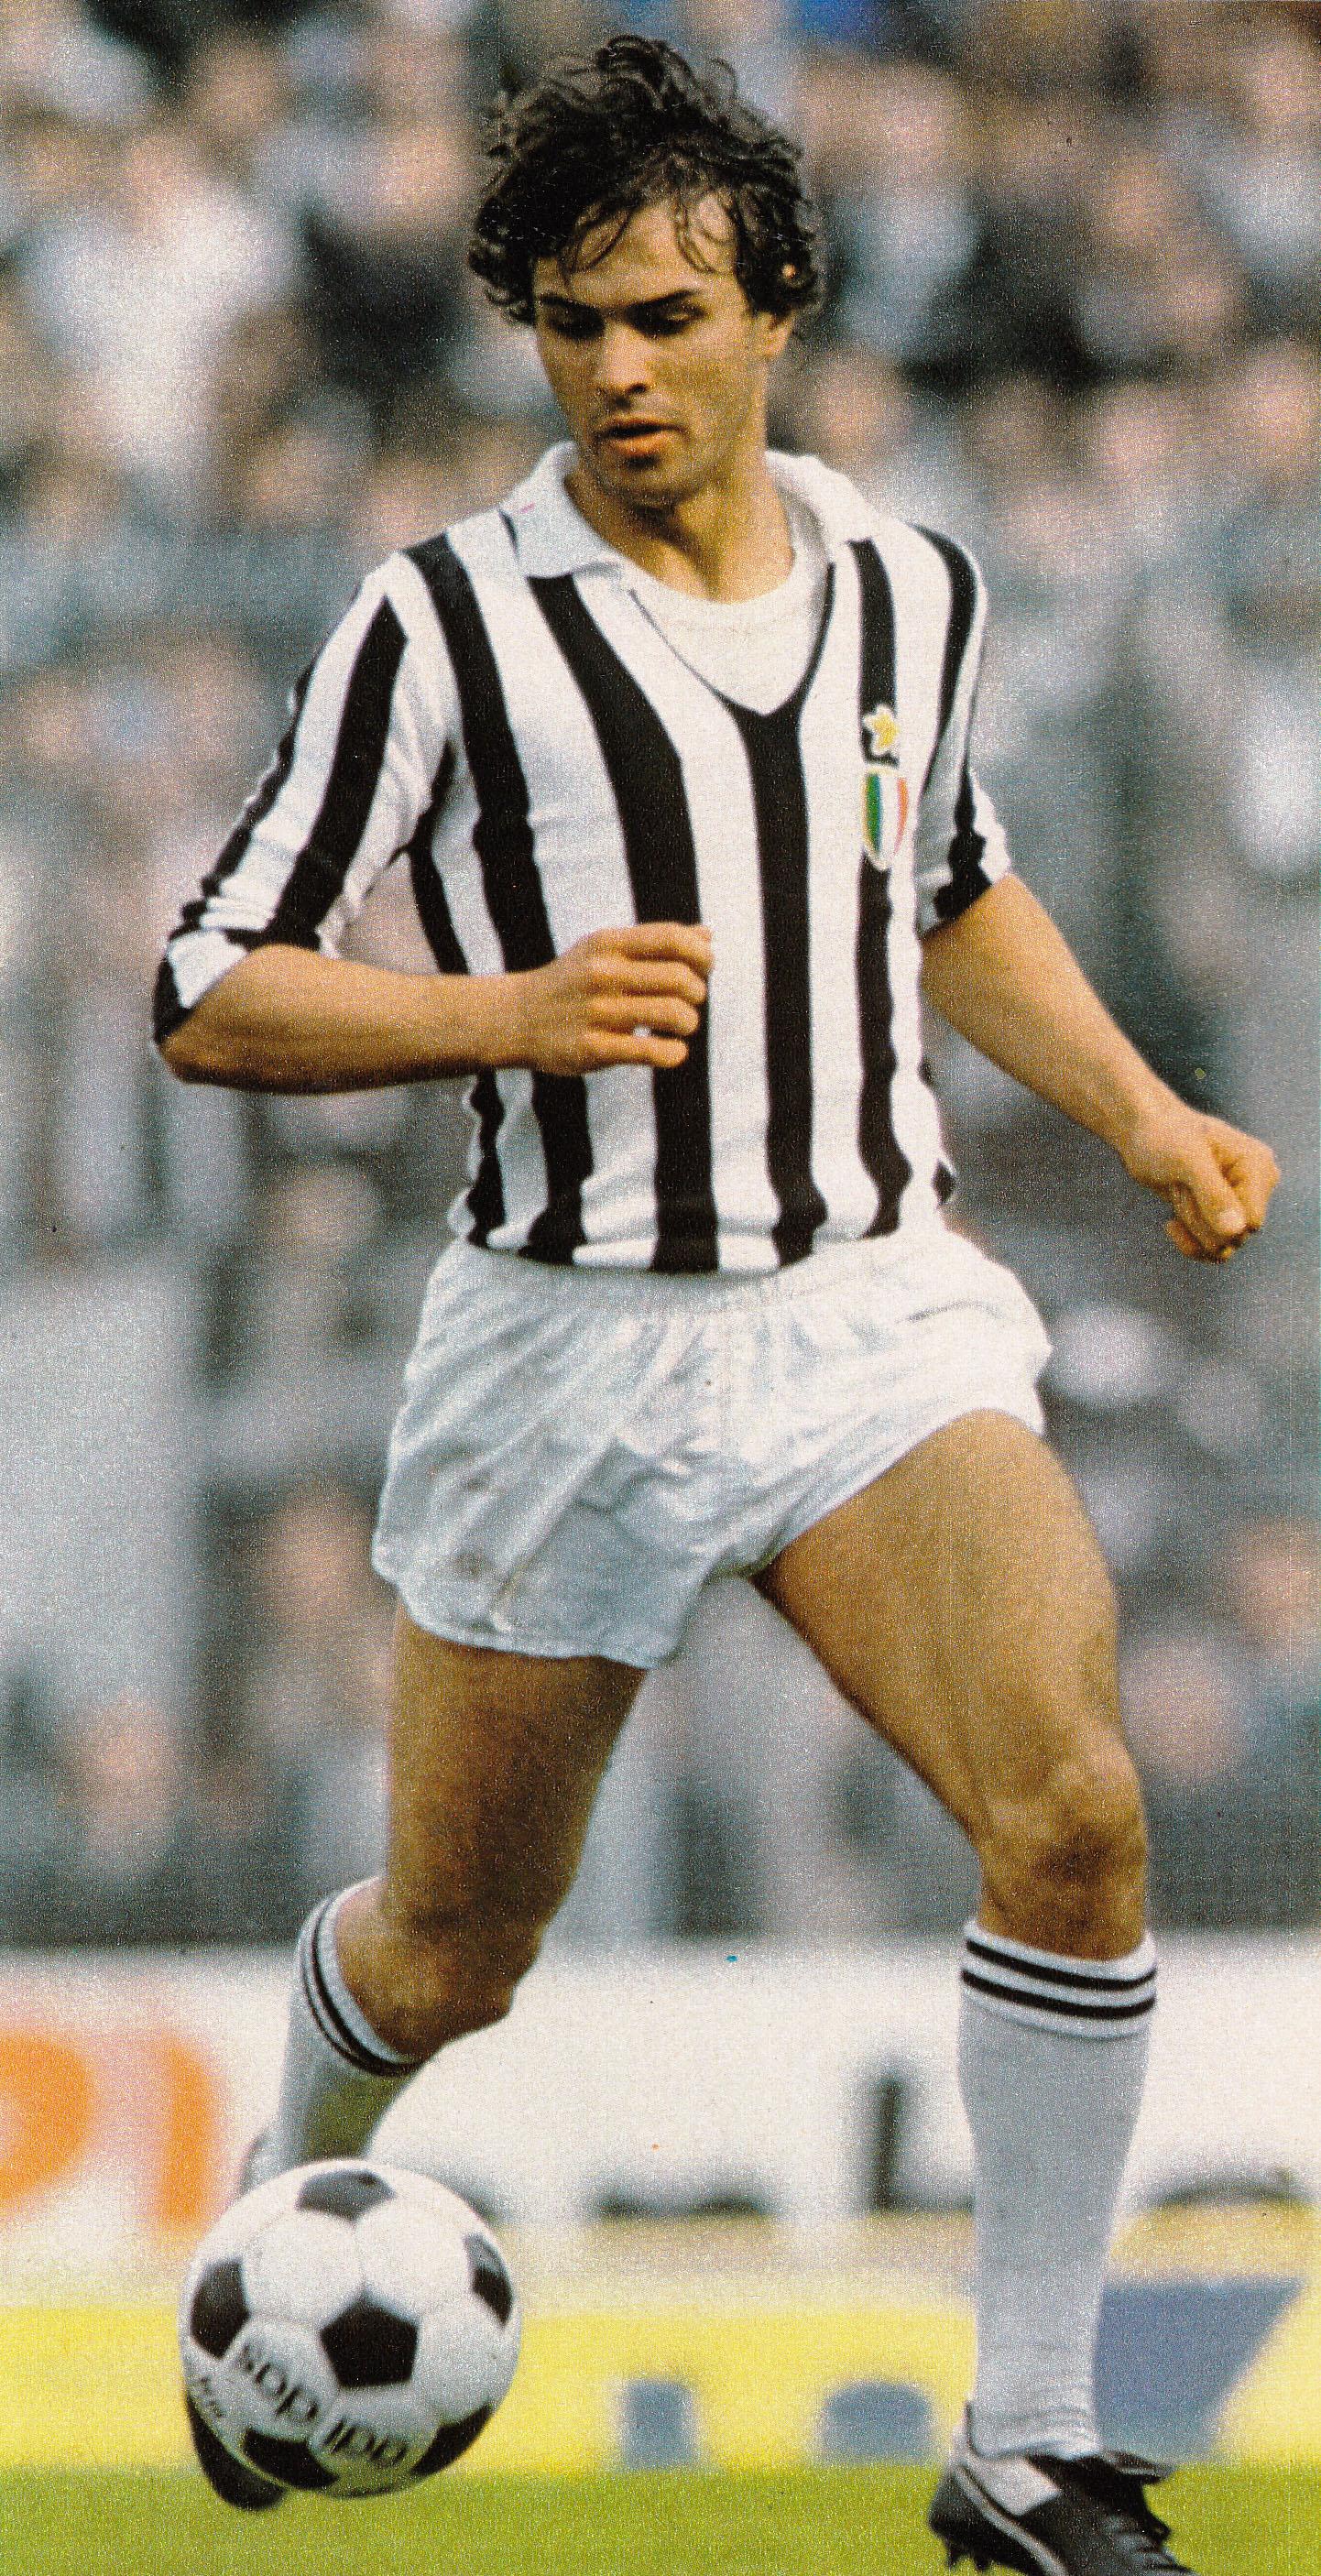 Colori e simboli della Juventus Football Club - Wikipedia